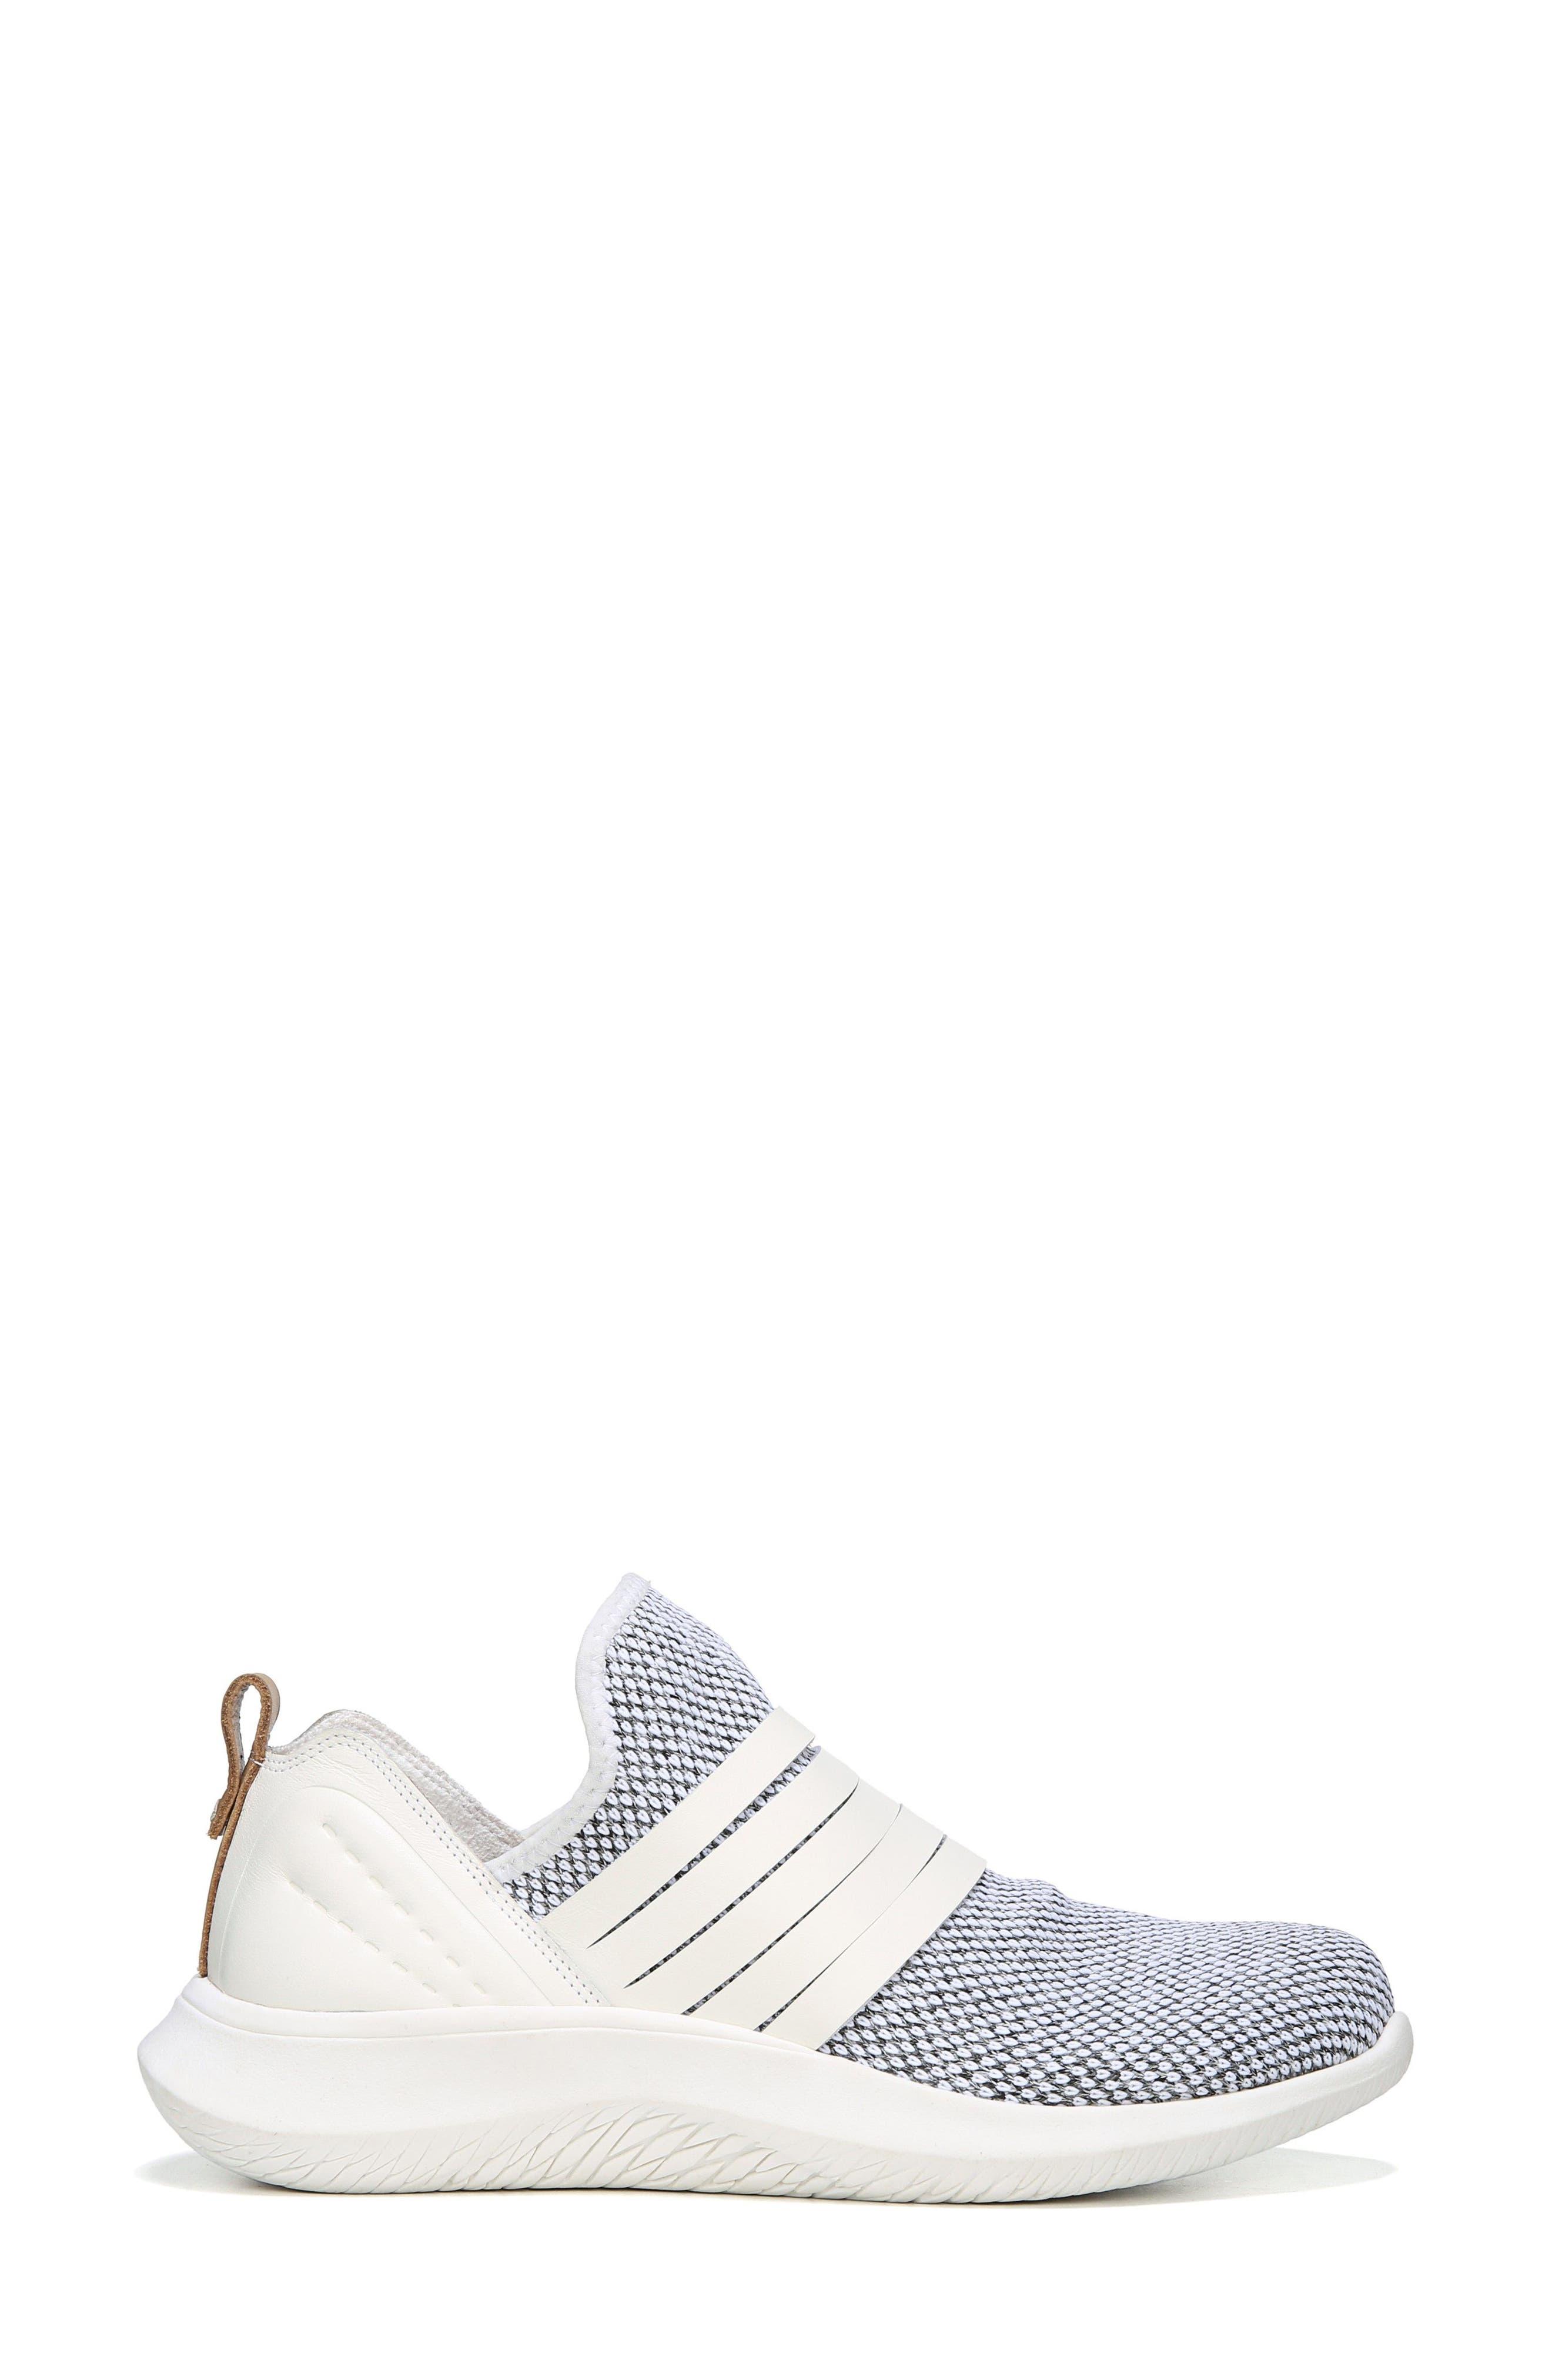 Alternate Image 3  - Dr. Scholl's Fierceness Knit Slip-On Sneaker (Women)